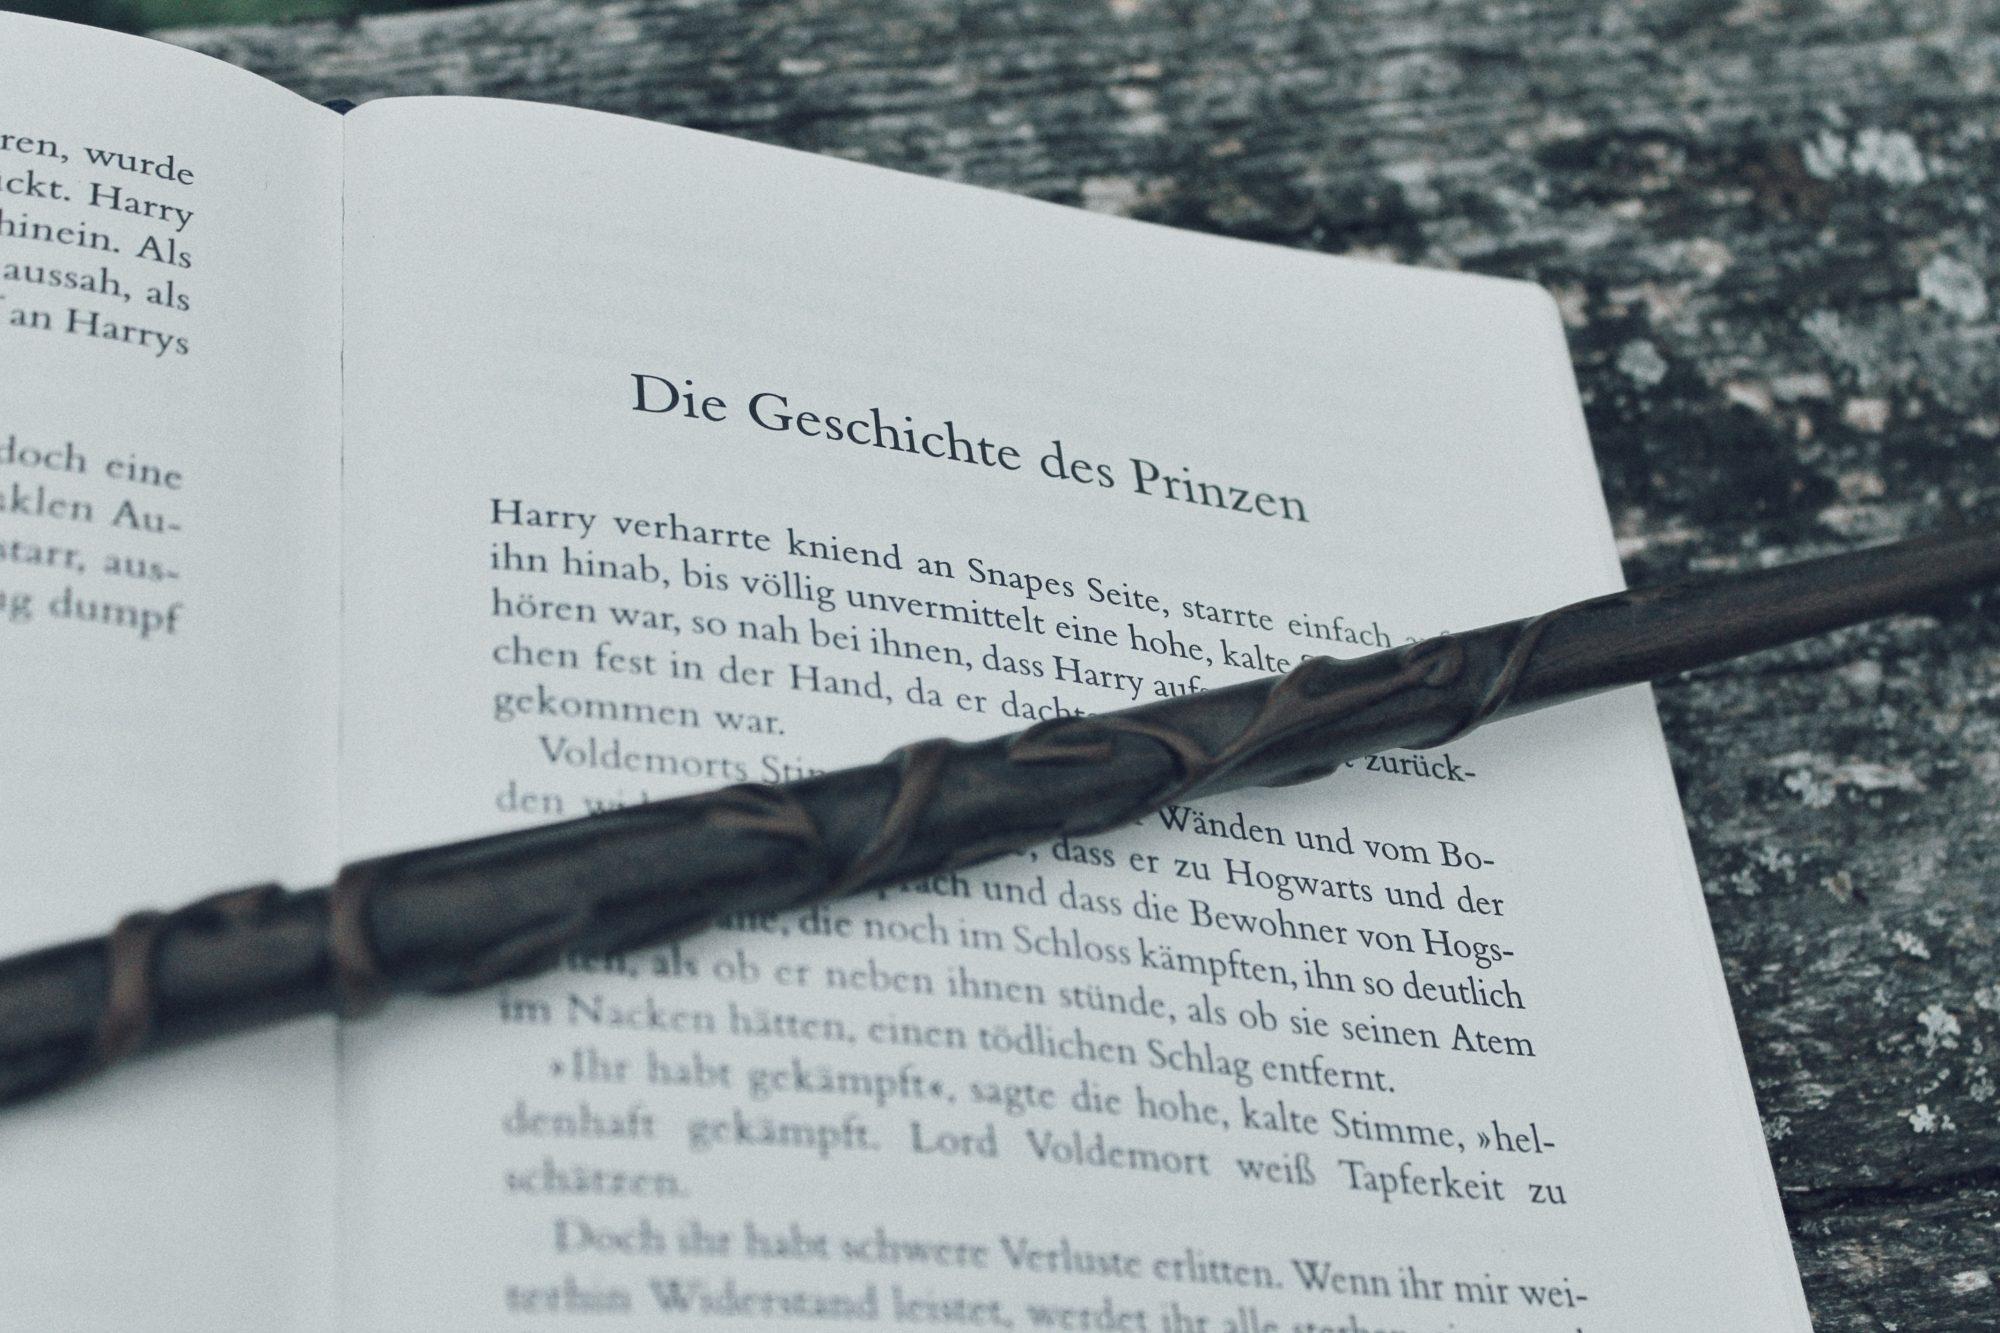 Herzenswelten Harry Potter Zauberstab nah